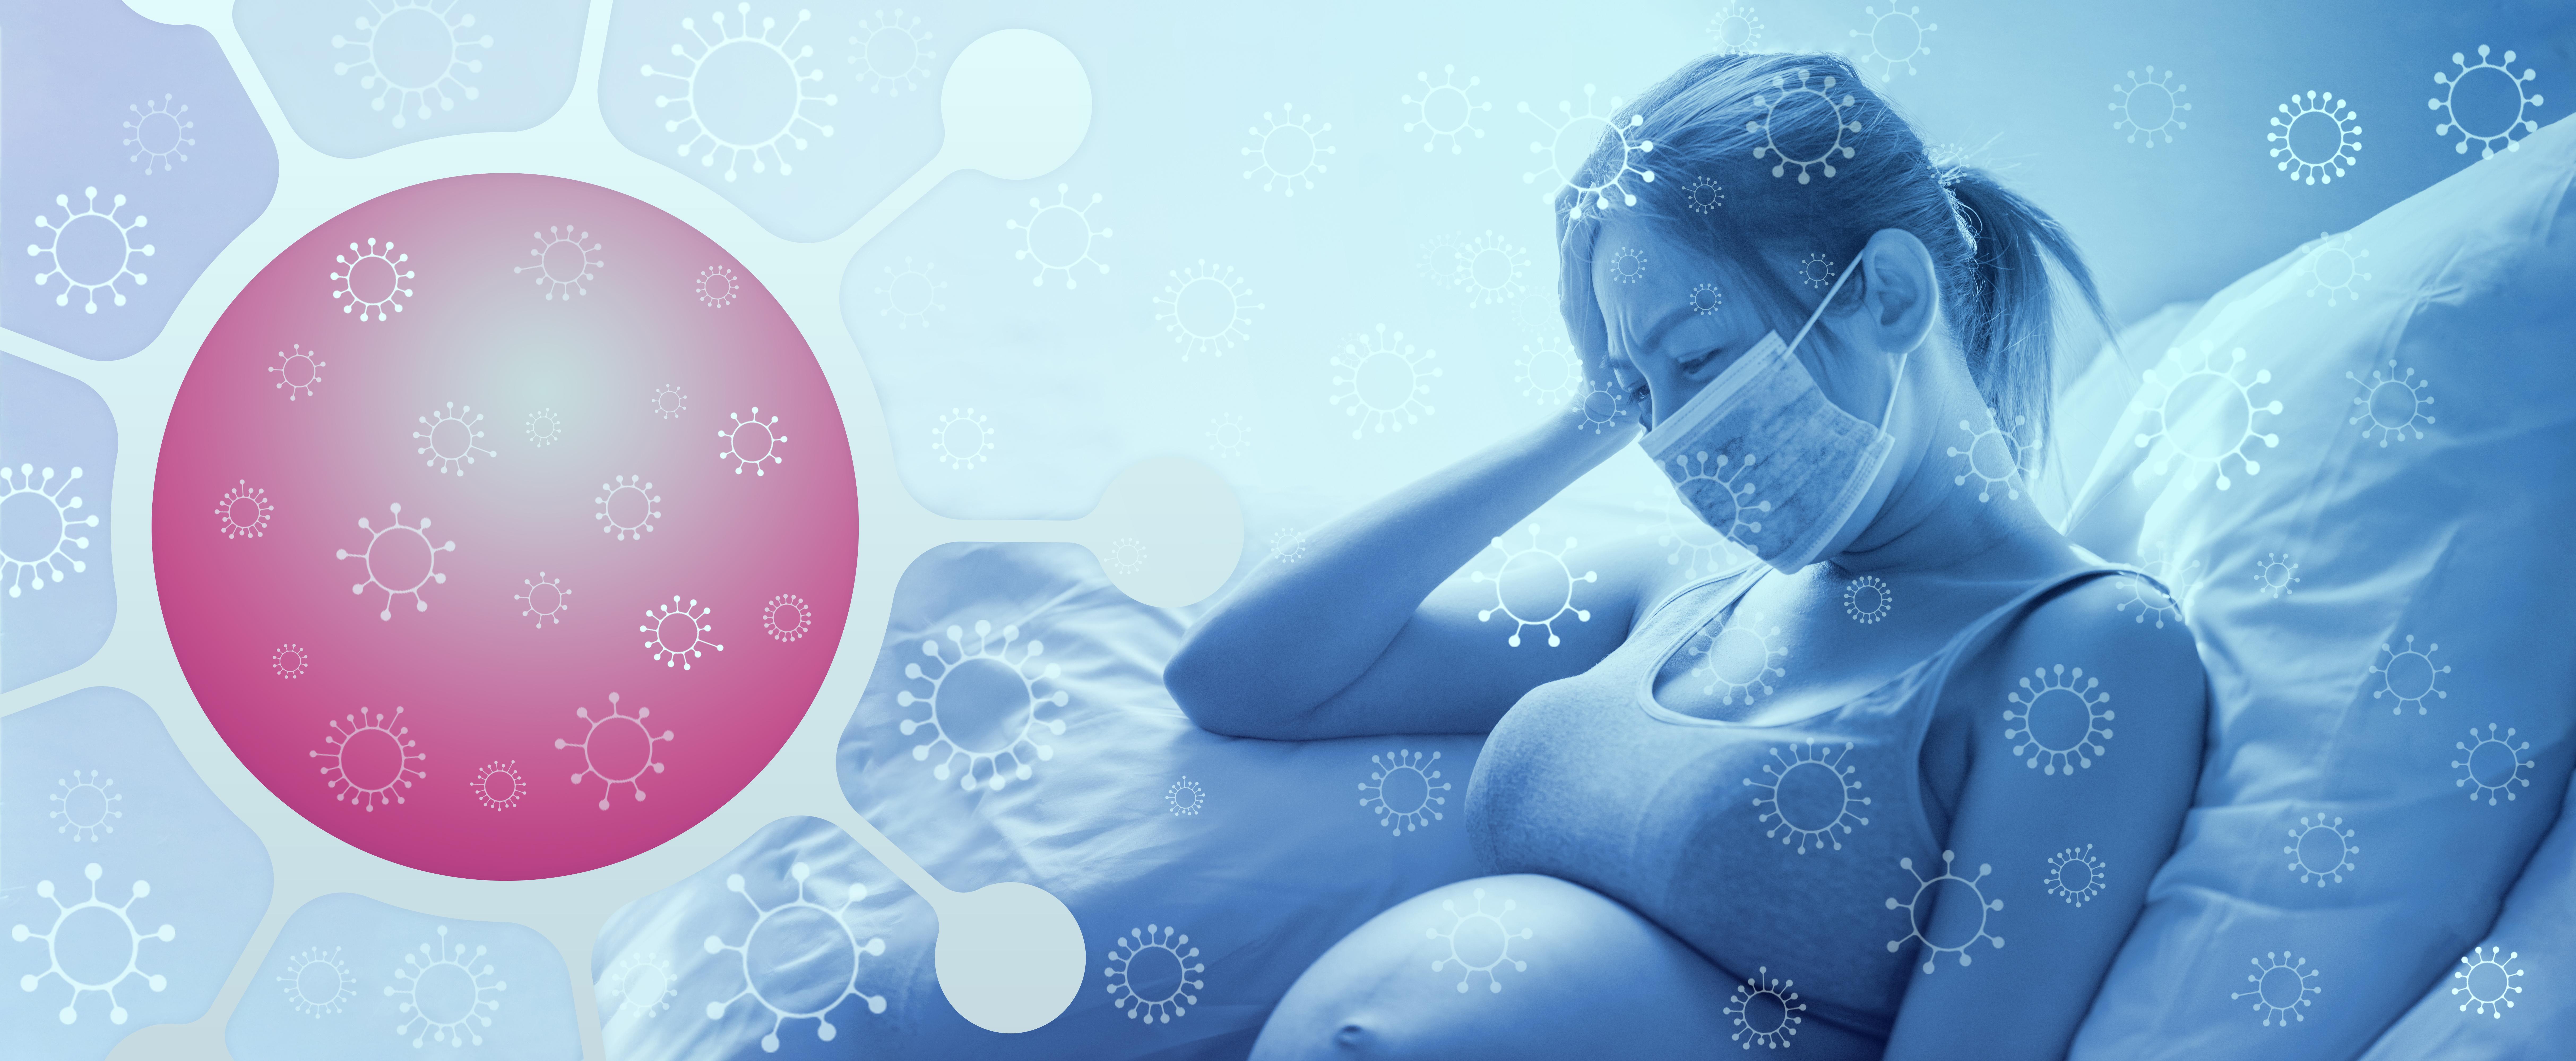 Une nouvelle complication de COVID-19 vient d'être révélée, en cas de grossesse : soit un type de lésion observé dans les placentas (Visuel AdobeStock_328466433)